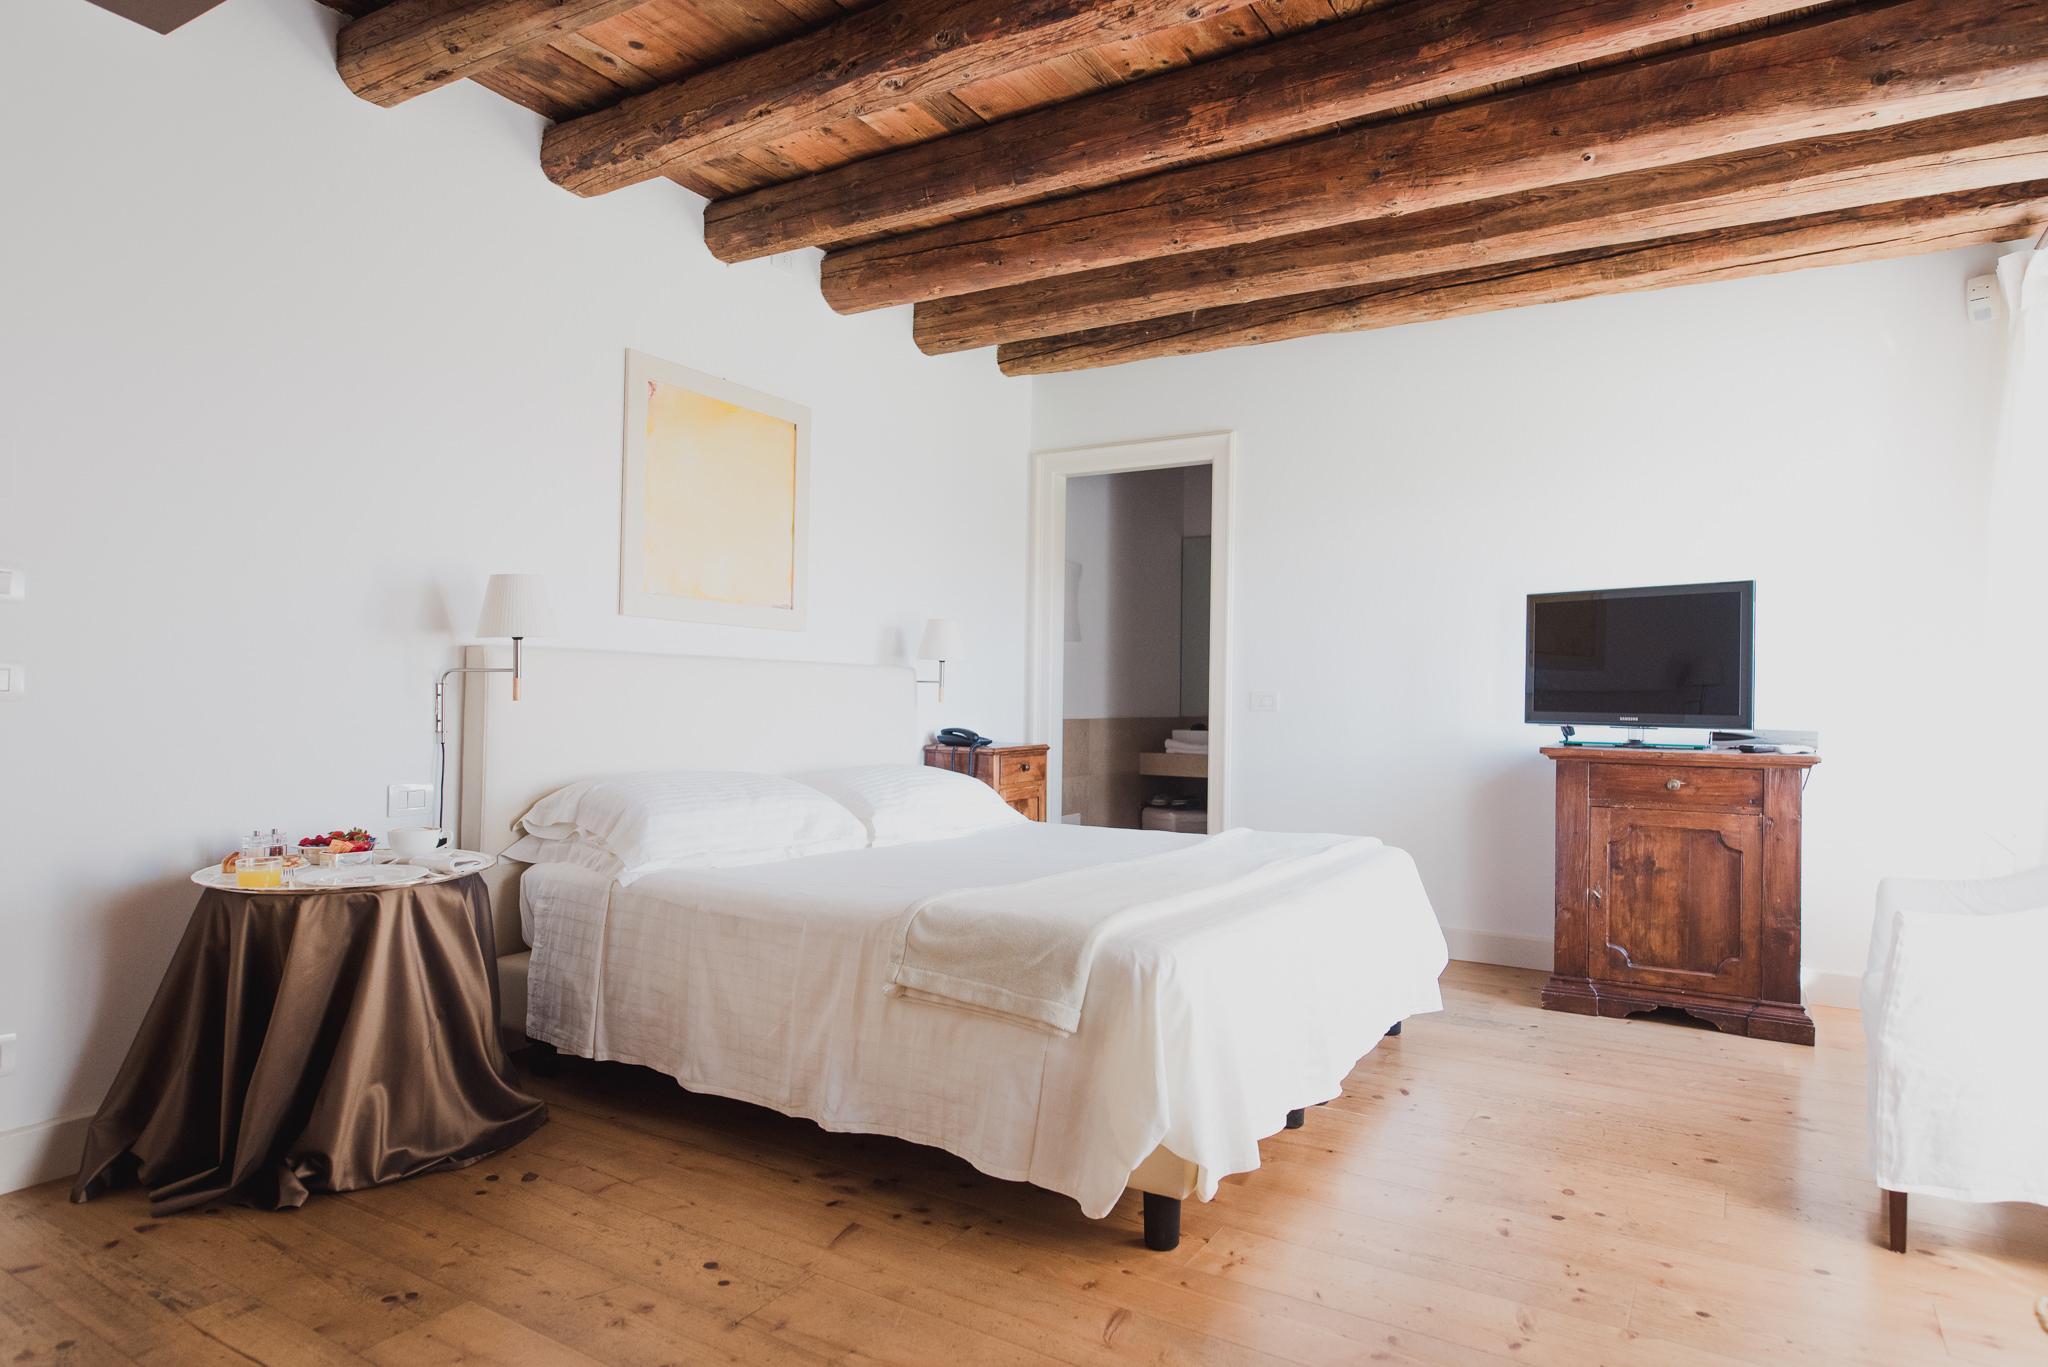 Camere Relais Corte Guastalla soggiorni vicino al Lago di Garda e ...